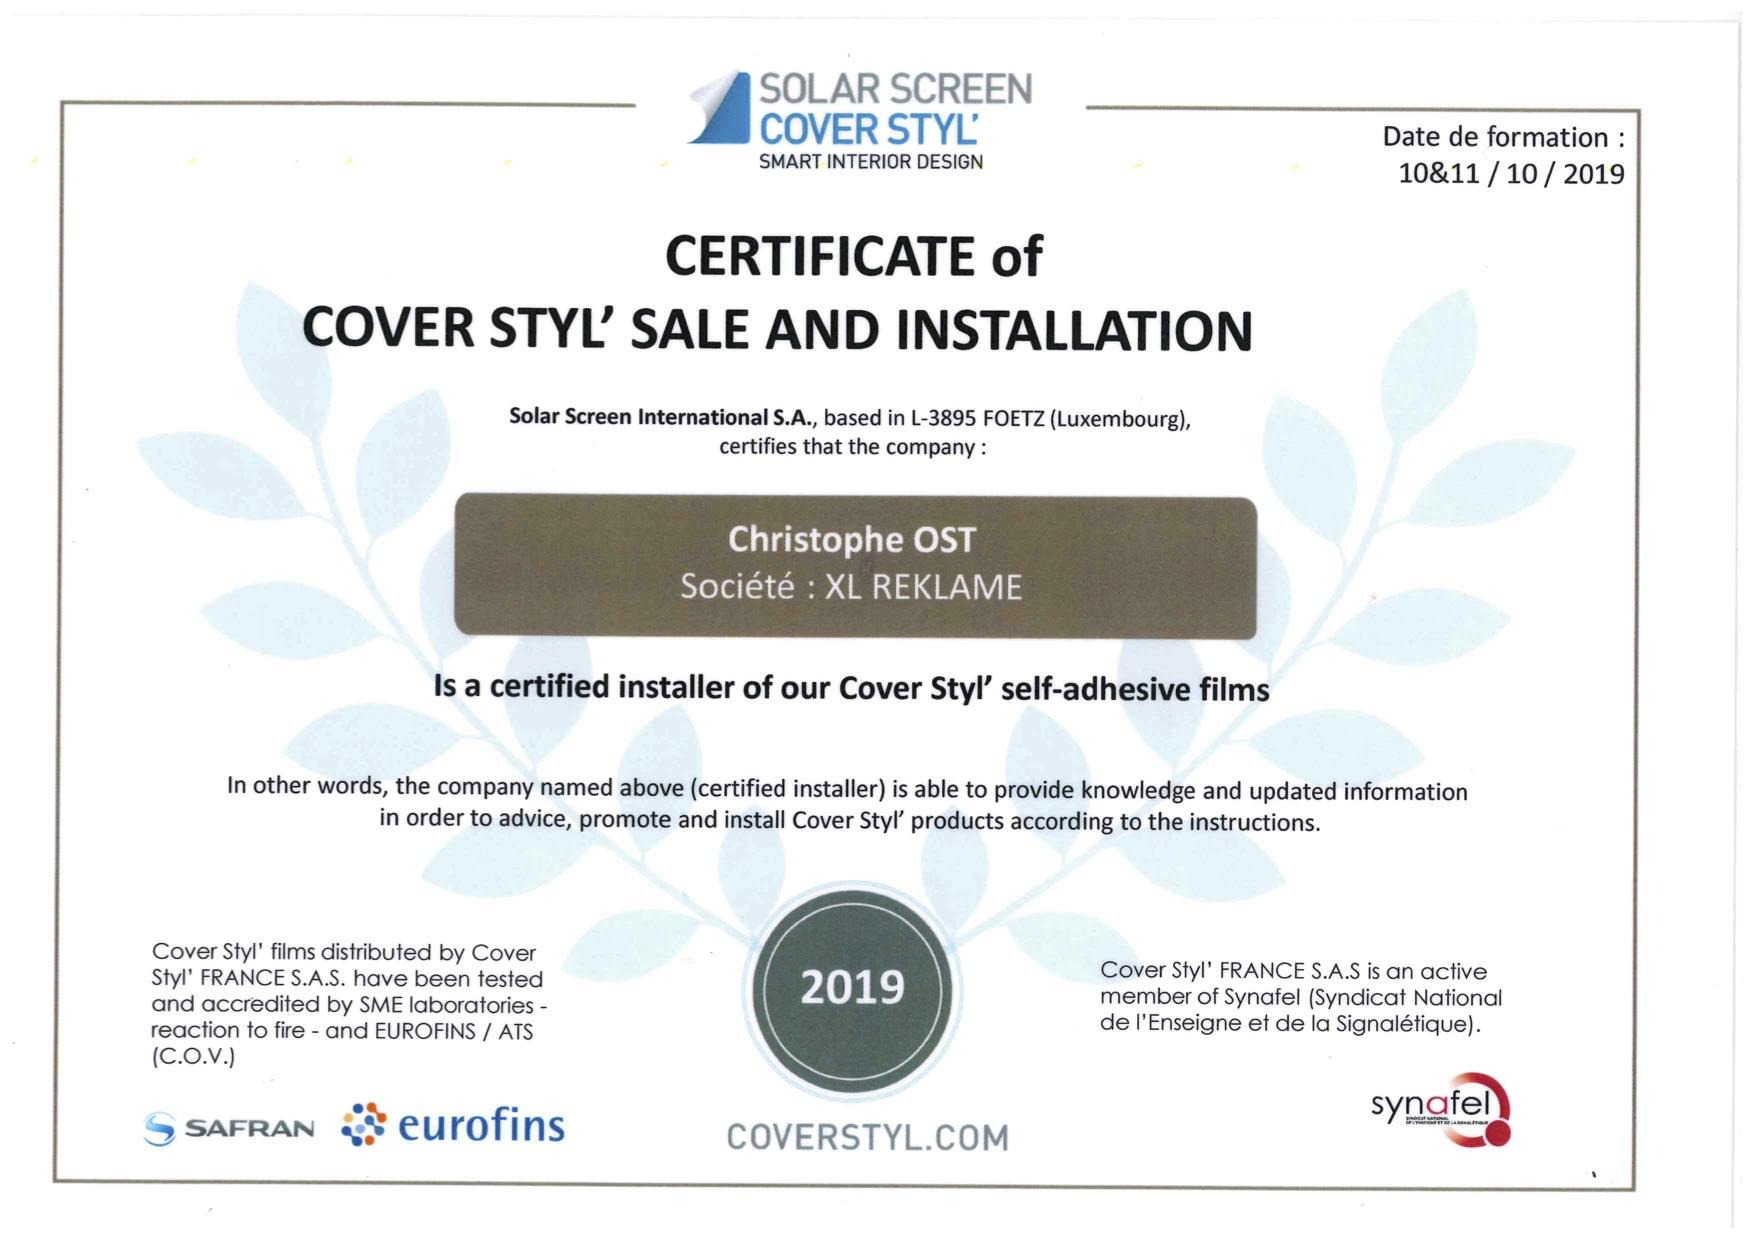 Beletteraar Ost is certified installer van Cover Styl'